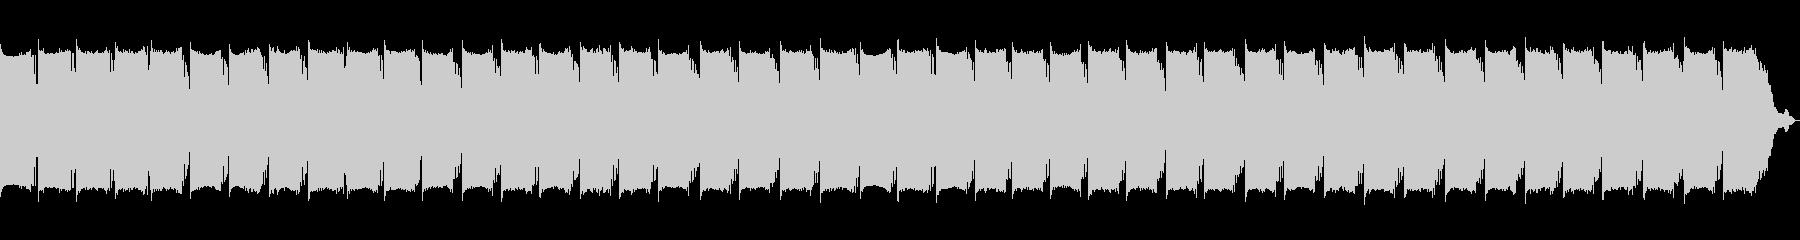 不安感を煽るノイズの未再生の波形